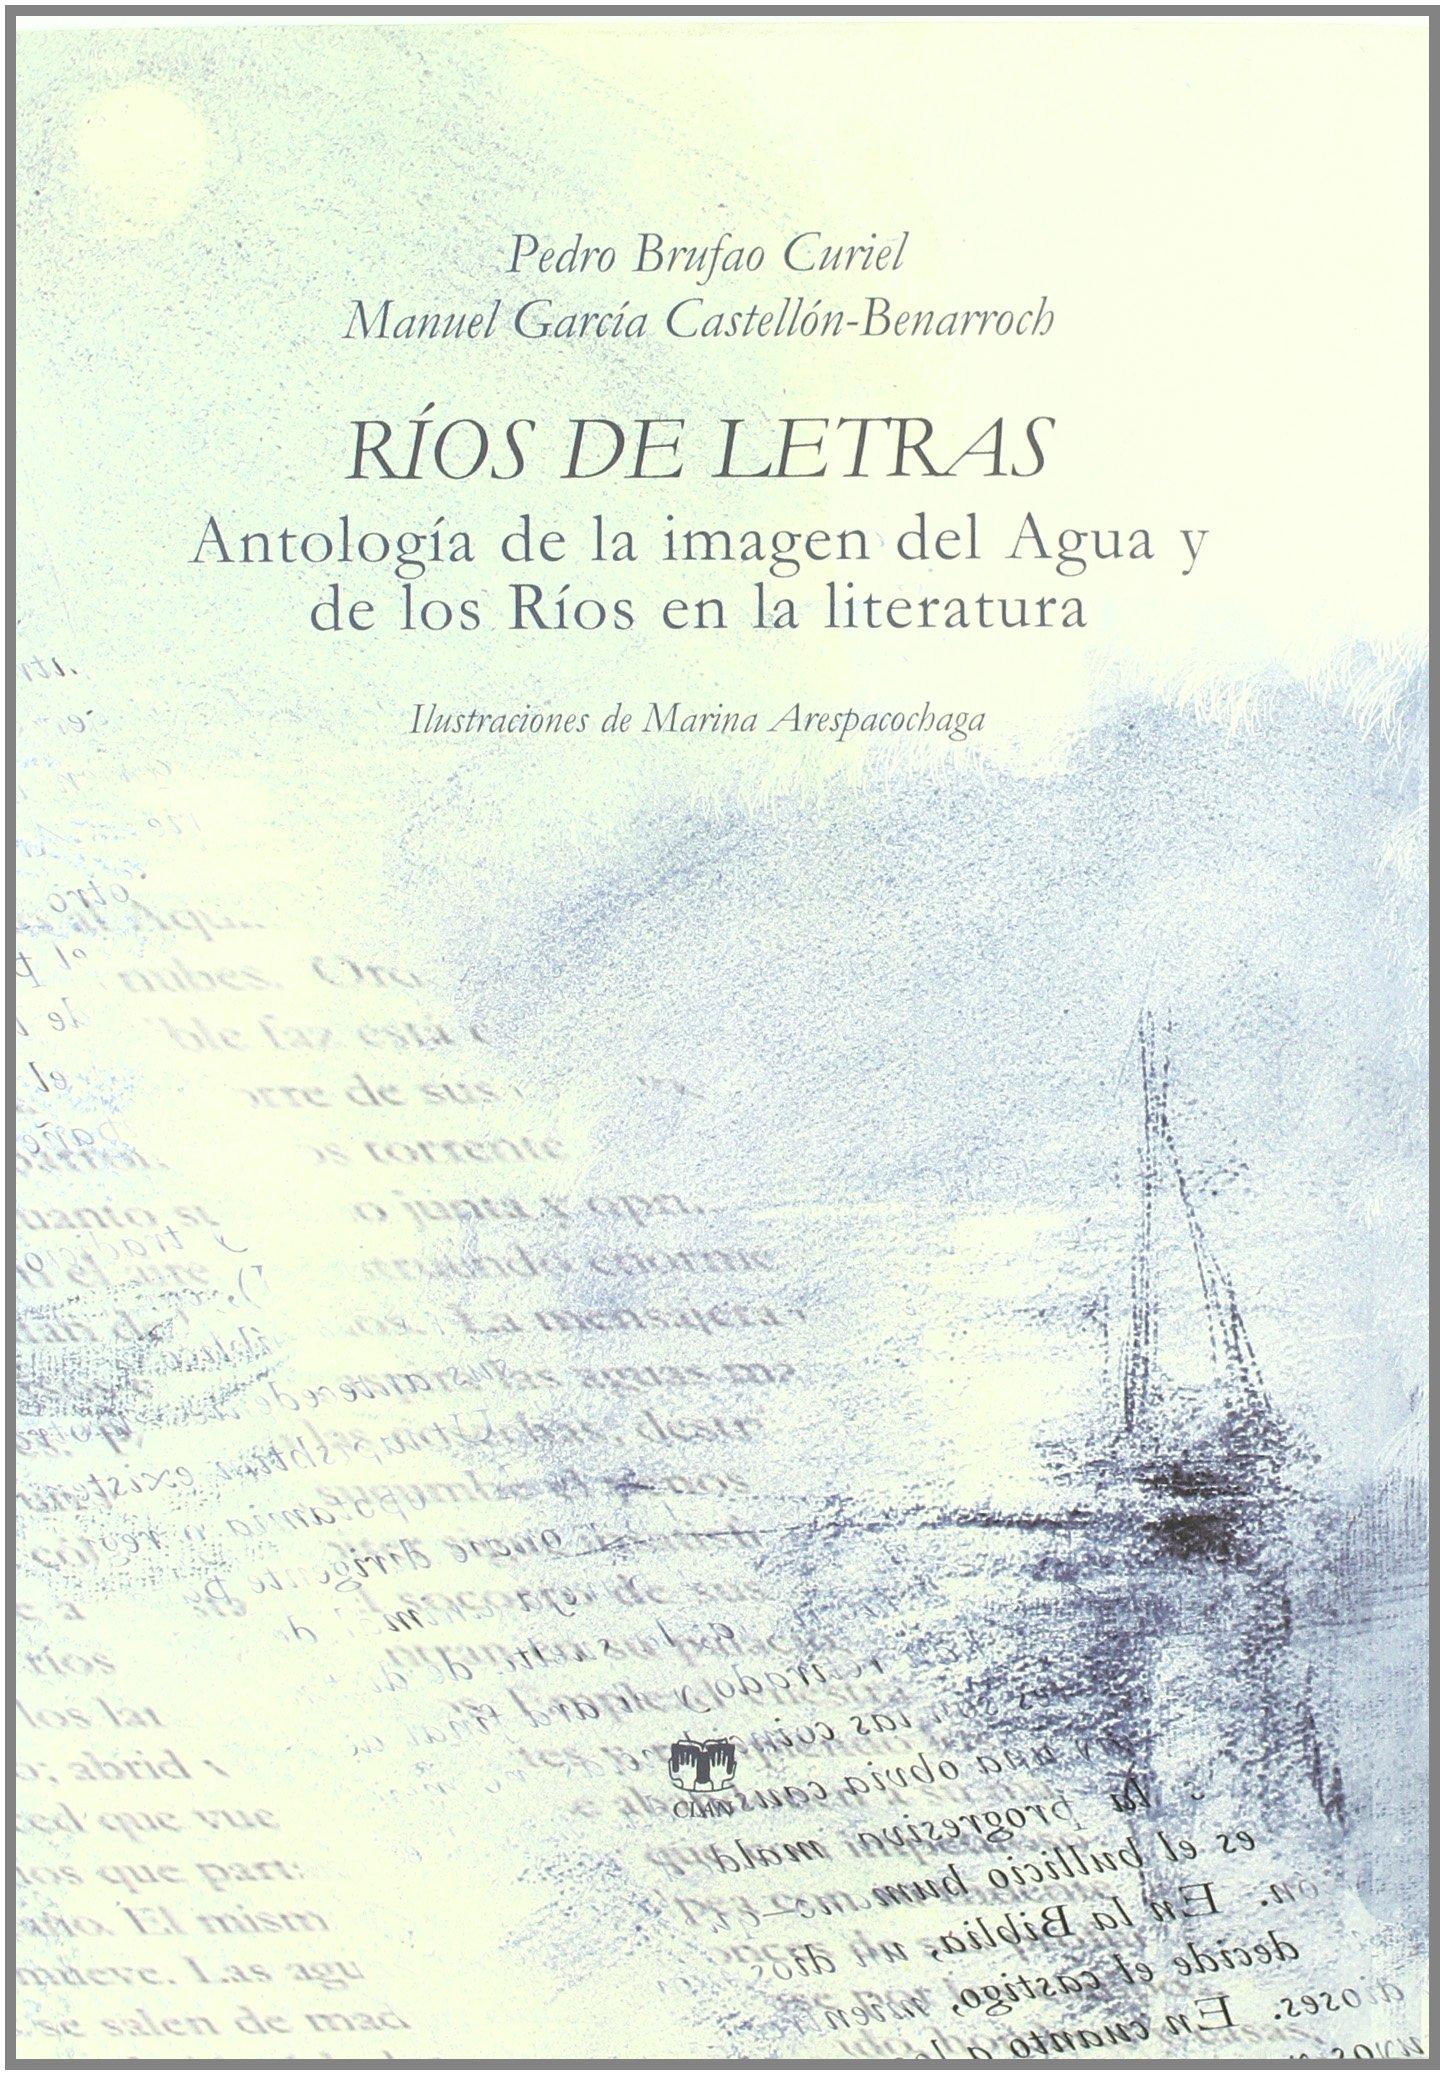 Ríos de letras: Antología de la imagen del río y del agua en la literatura: Amazon.es: Brufao Curiel, Pedro, García Castellón, Manuel, ARESPACOCHAGA, MARINA: Libros